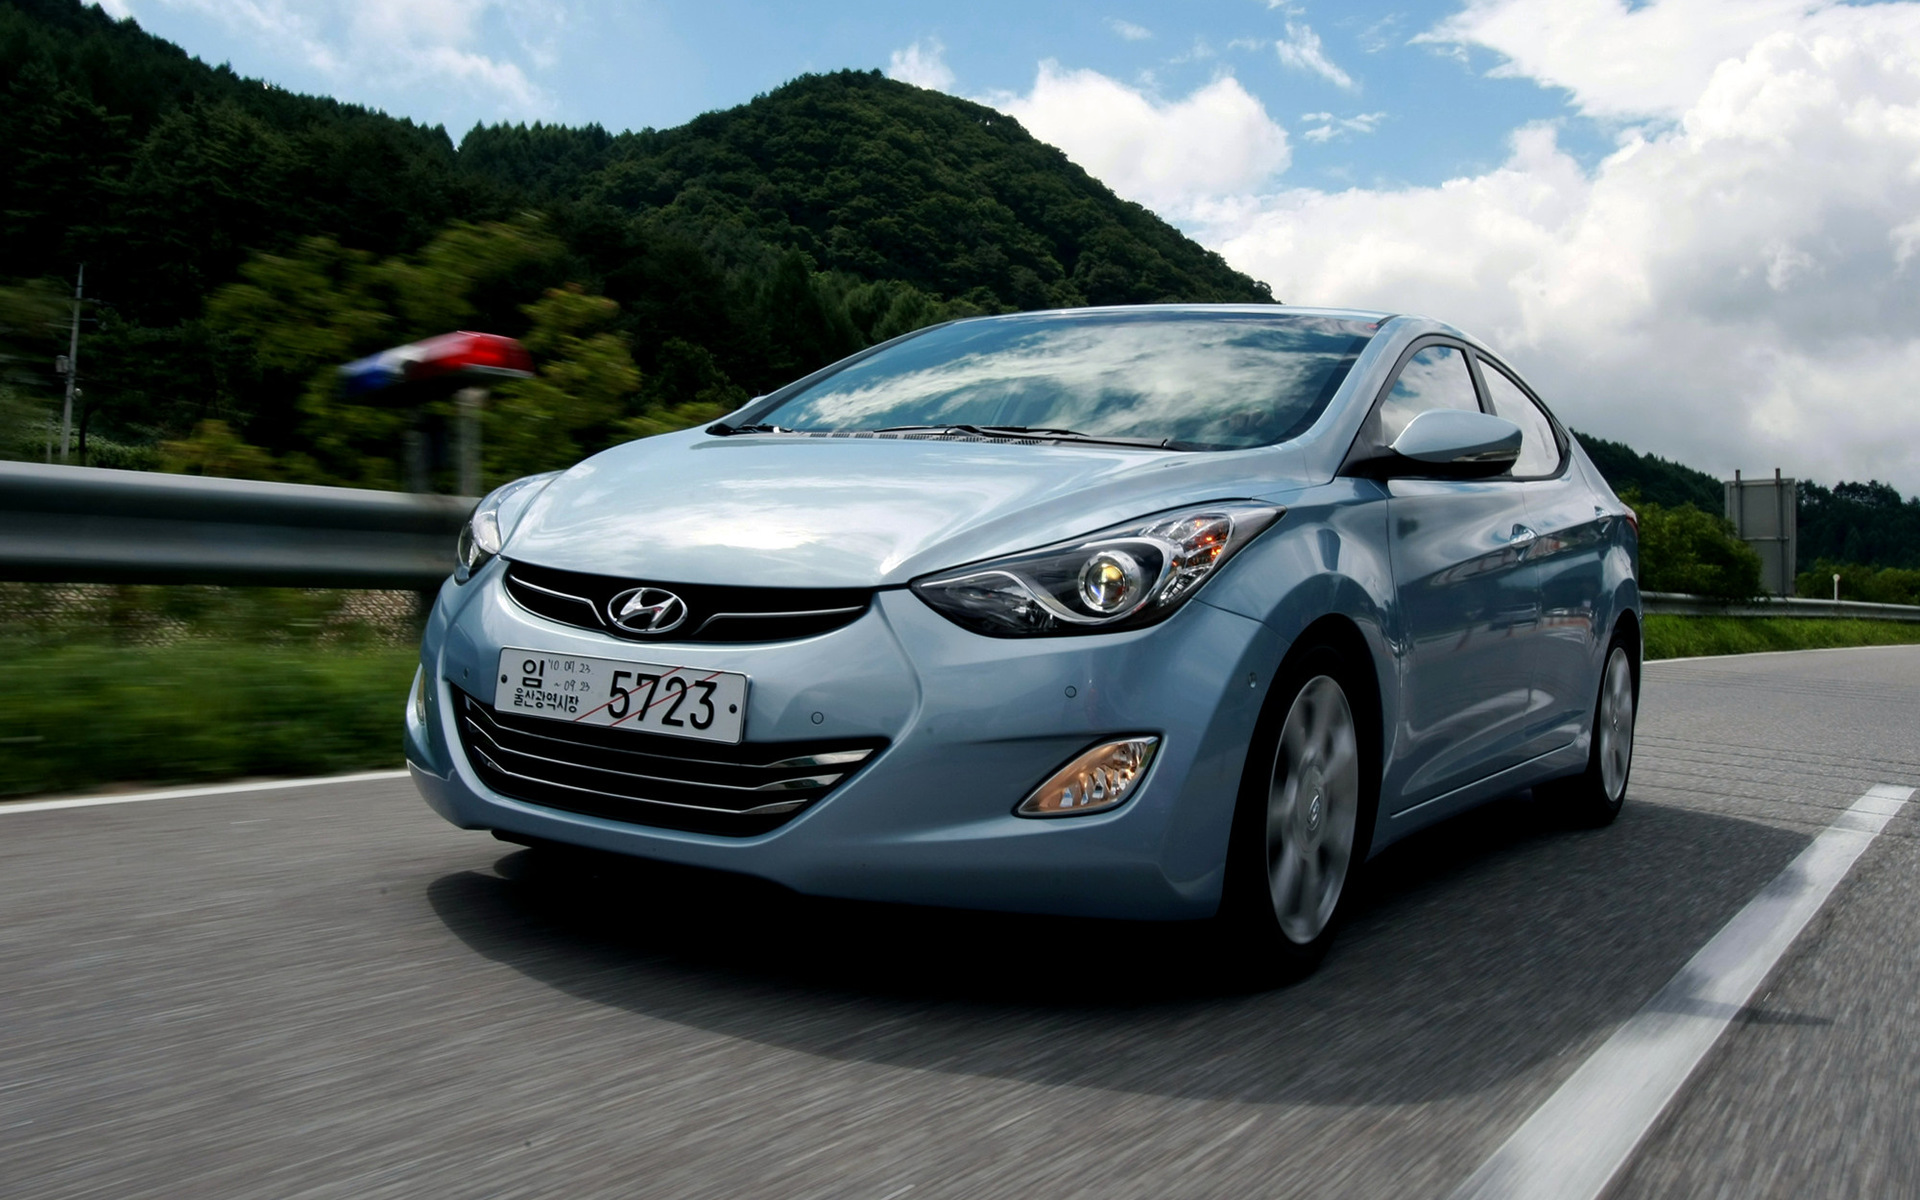 Hyundai Avante (2010) Wallpapers and HD Images - Car Pixel